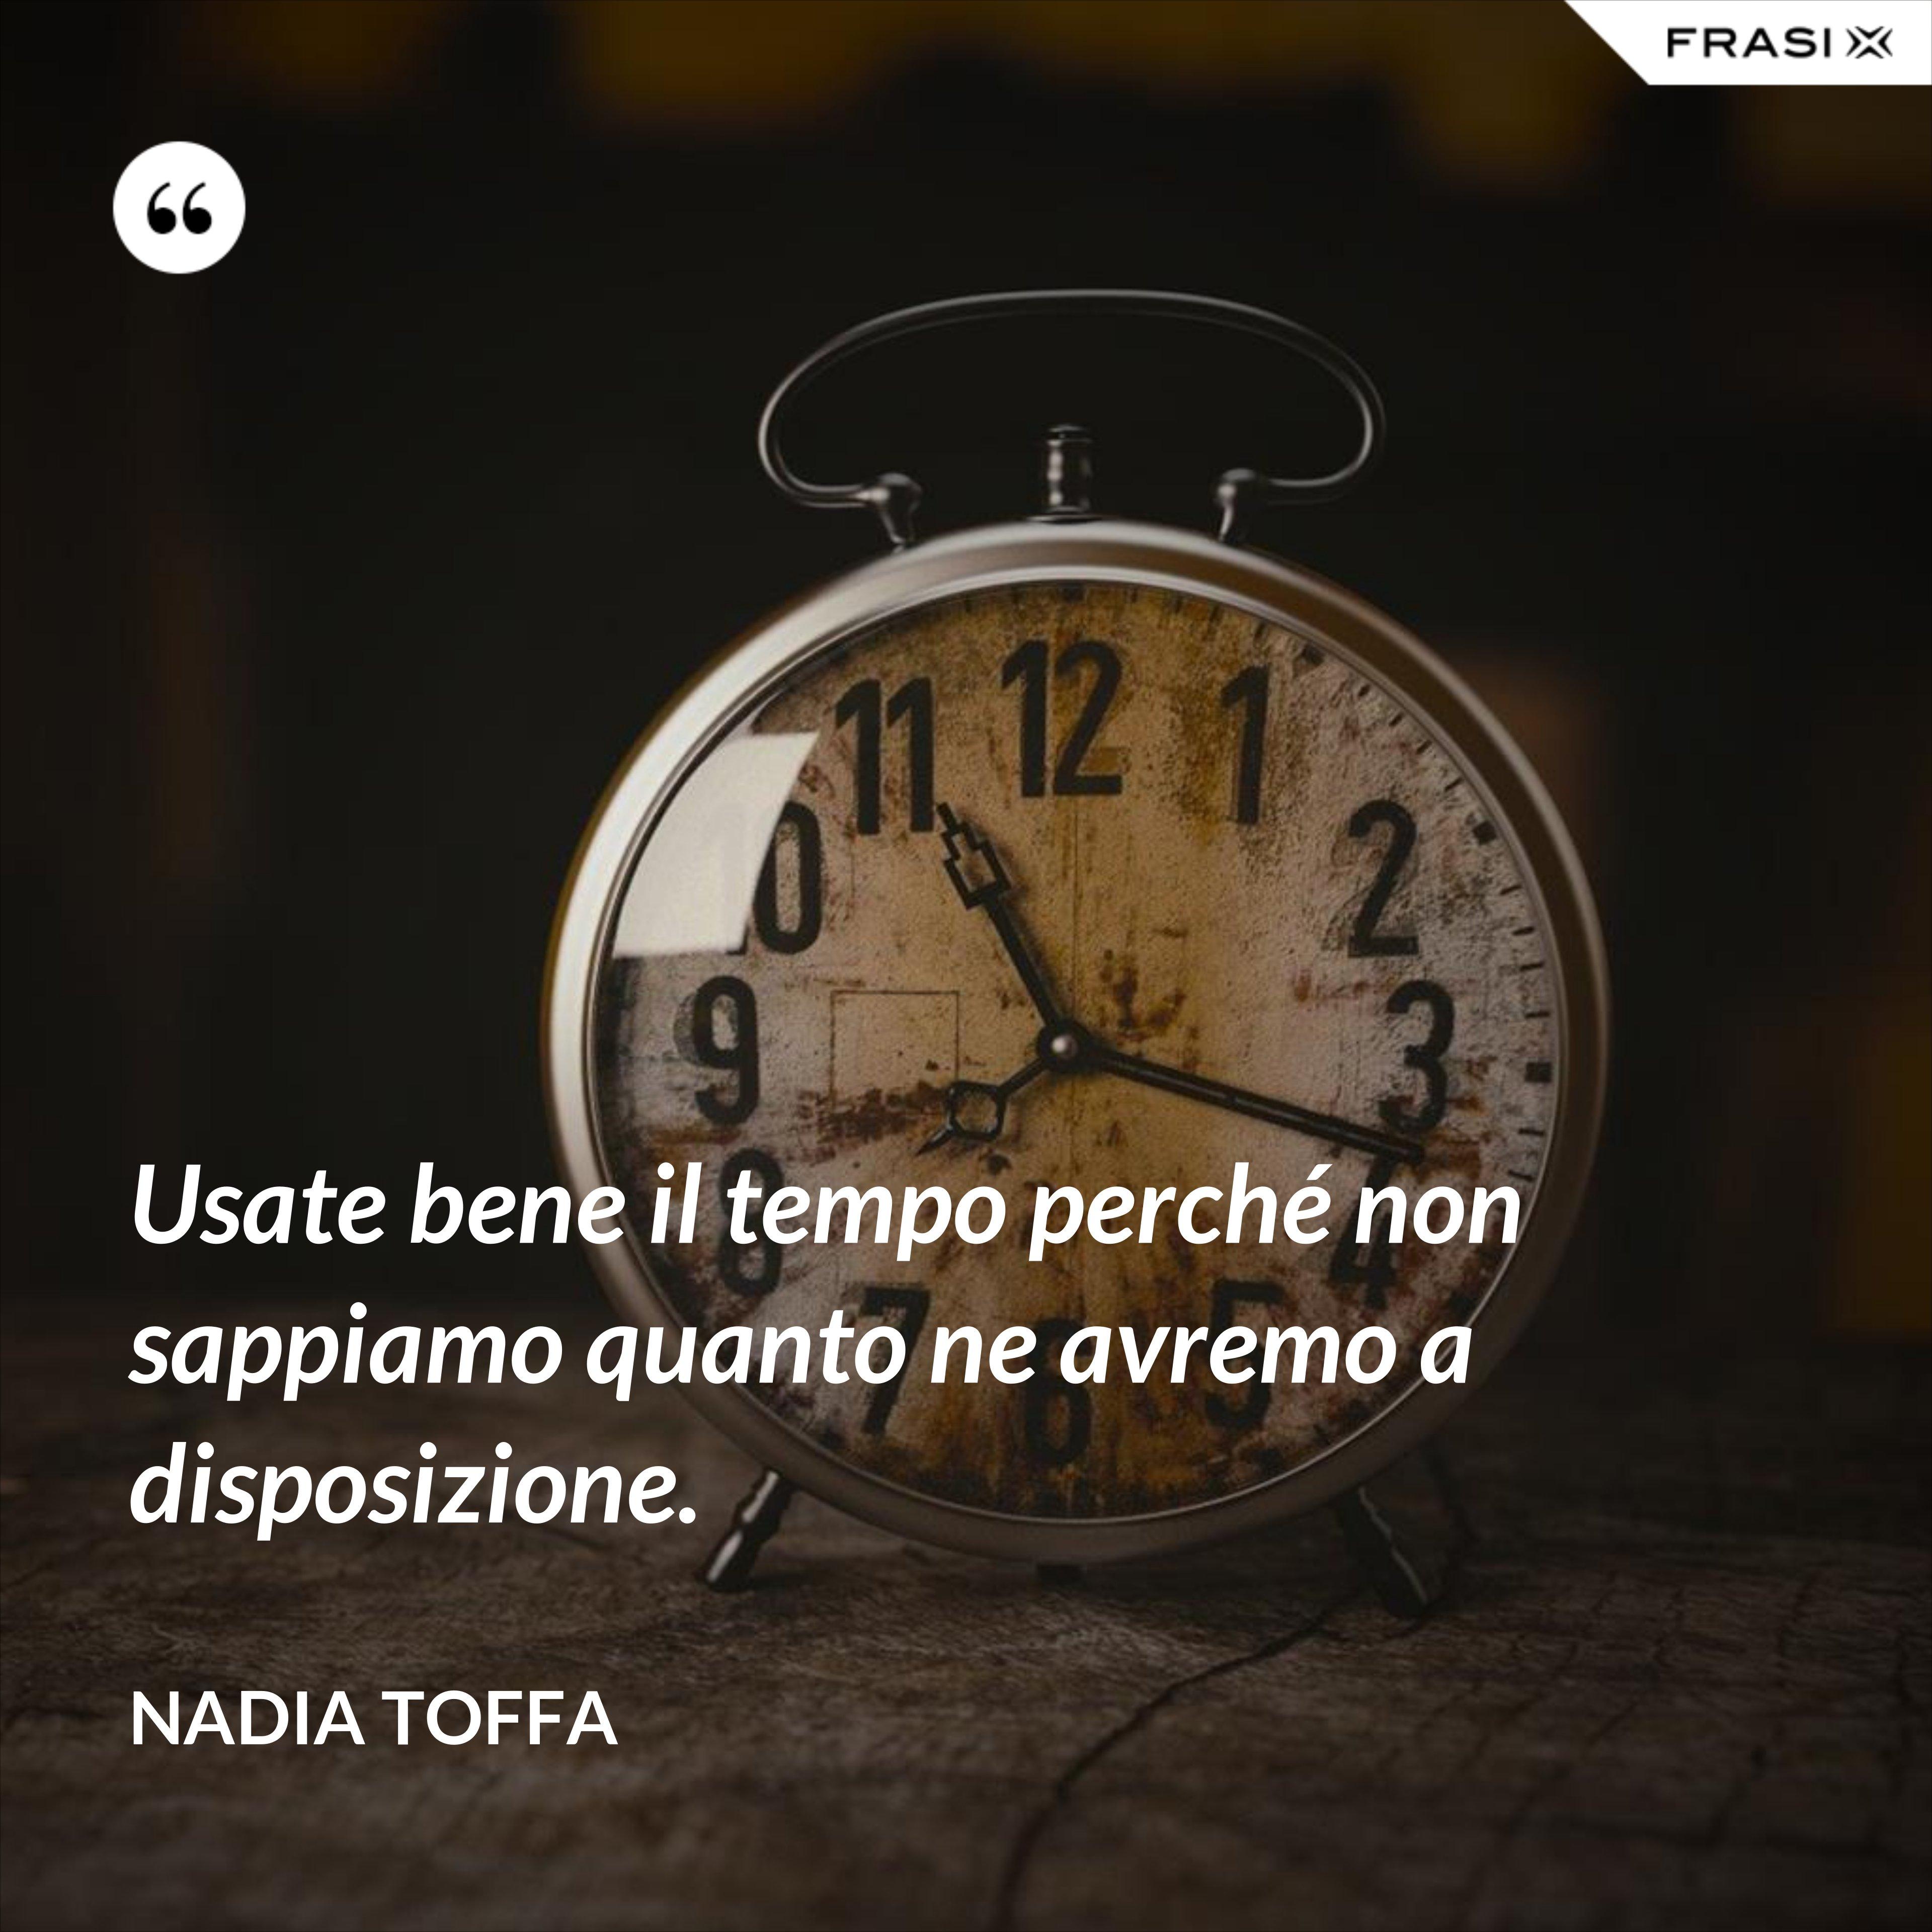 Usate bene il tempo perché non sappiamo quanto ne avremo a disposizione. - Nadia Toffa